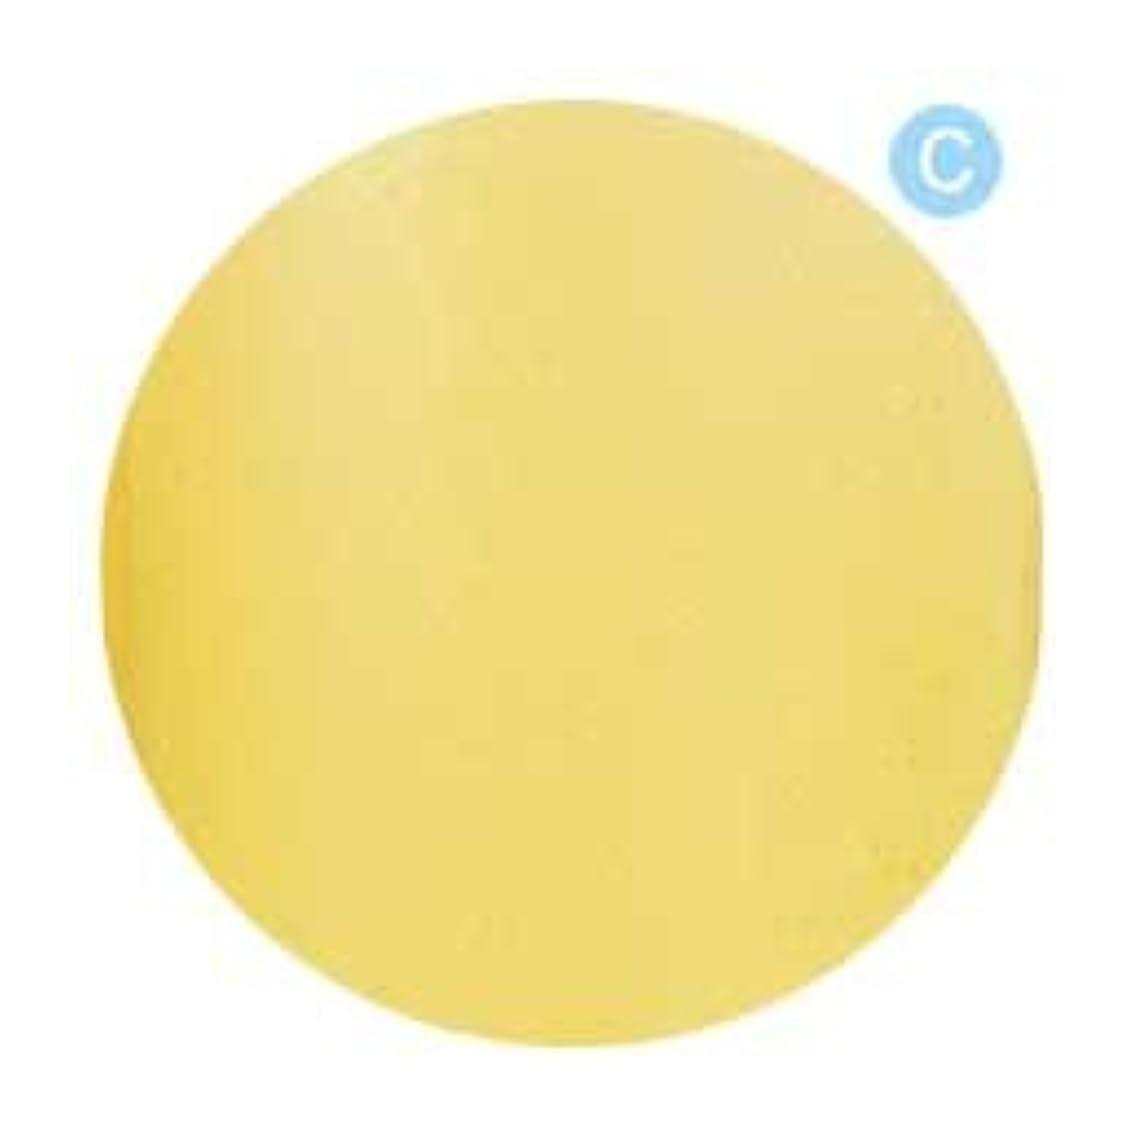 引退する精査する前提条件Palms Graceful カラージェル 3g 019 クリアレモン